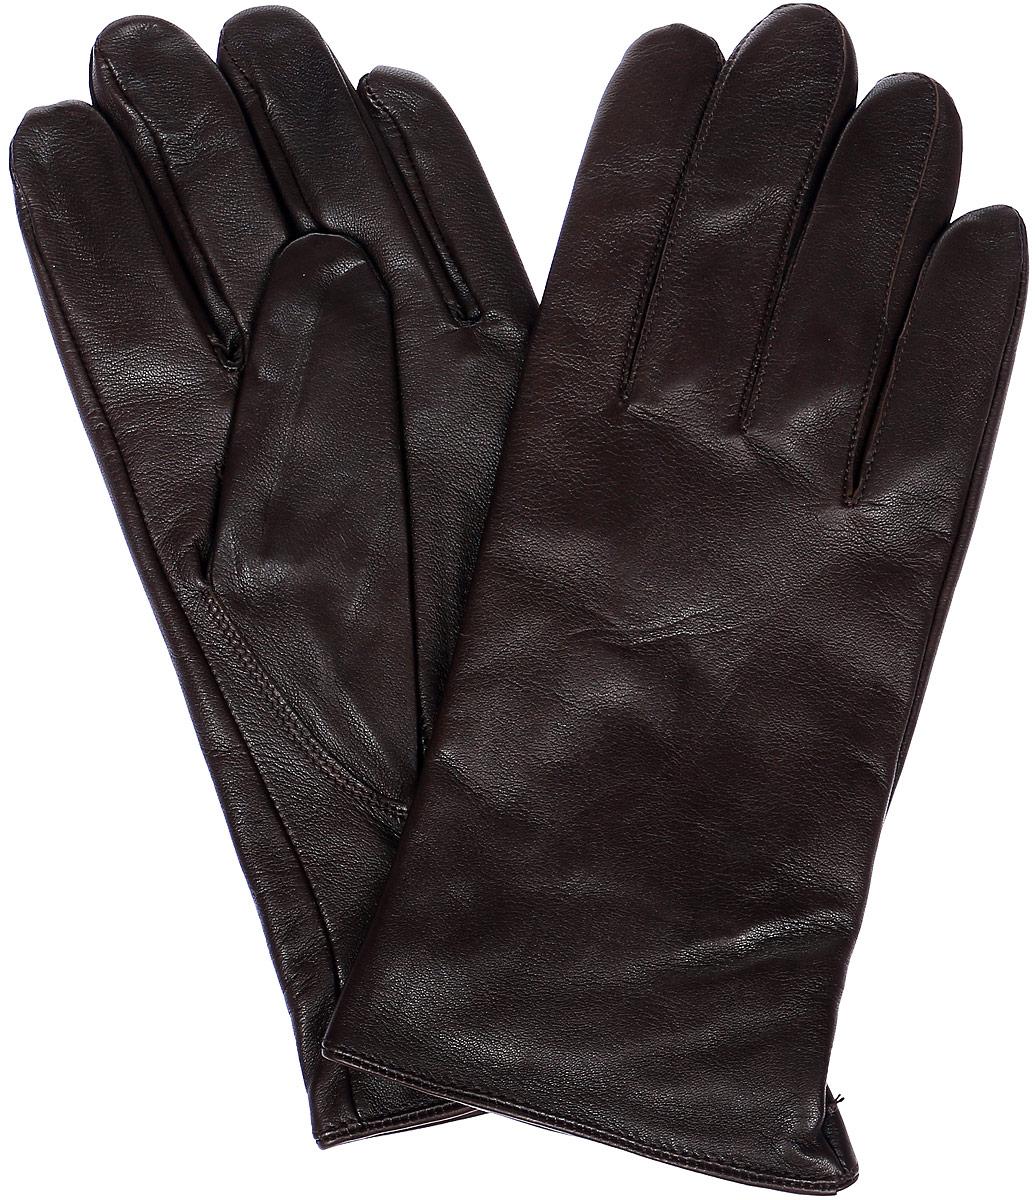 Перчатки мужские Eleganzza, цвет: темно-коричневый. HP68980. Размер 8HP68980Мужские перчатки Eleganzza выполнены из натуральной гладкой кожи и дополнены сборкой, которая надежно зафиксирует модель на запястье. Внутренняя поверхность выполнена из шерсти и кашемира, которые обеспечат тепло и комфорт.